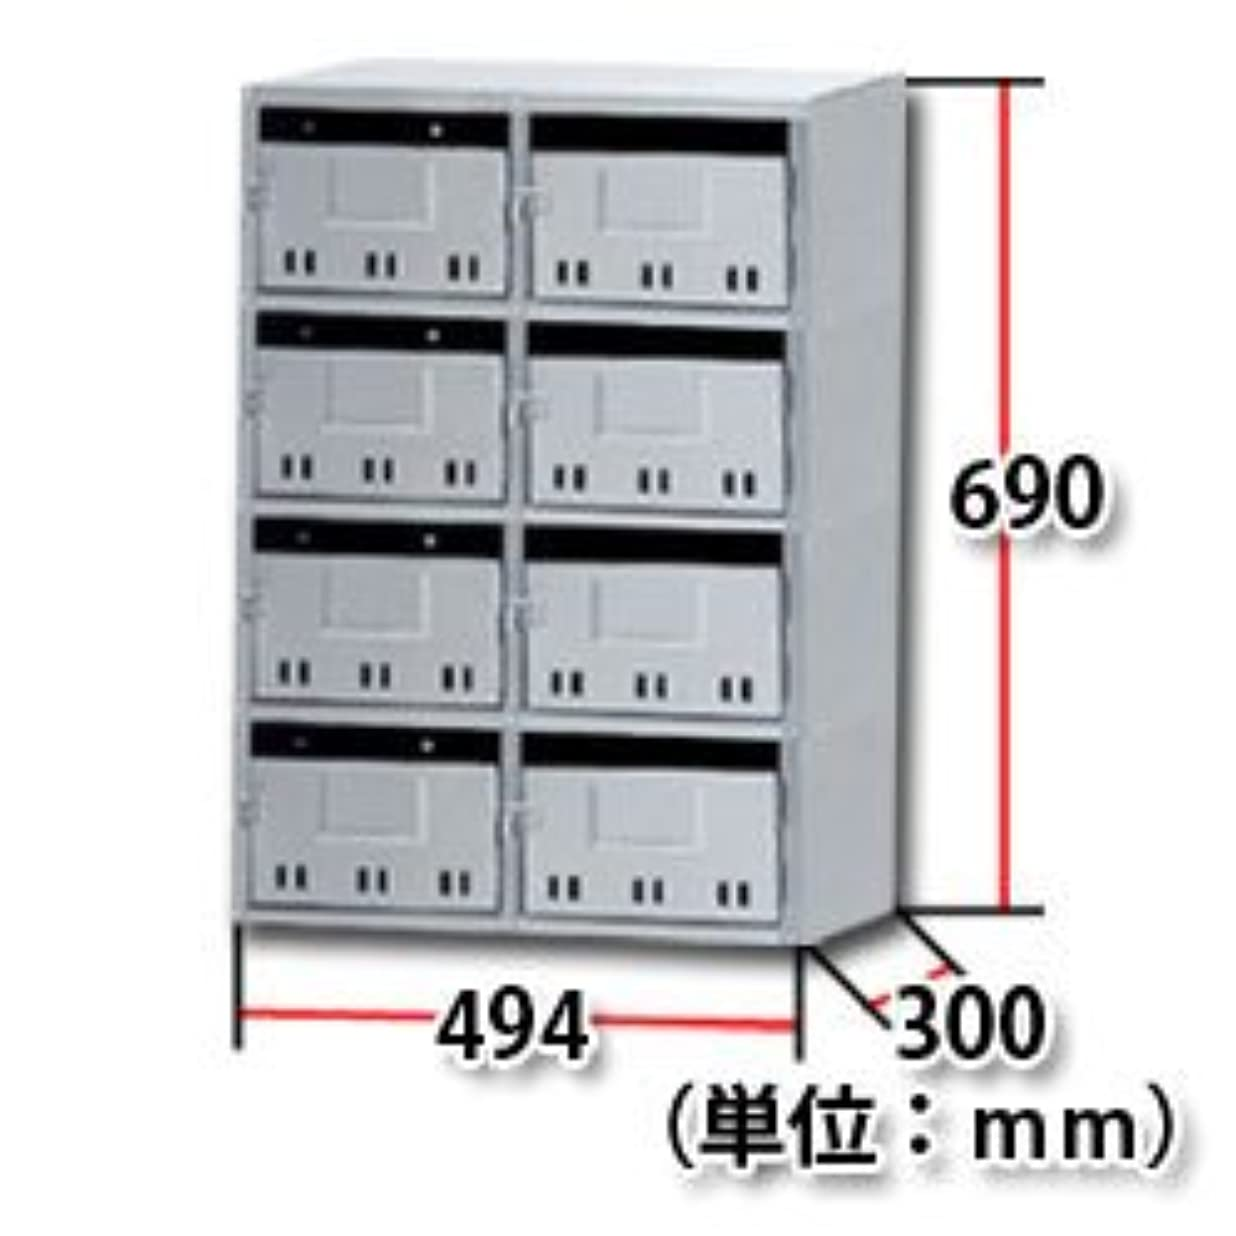 致命的な自発的プロフェッショナル郵便ポスト マンション 集合住宅用 SH-Nポスト 8戸用 壁付け 埋め込み